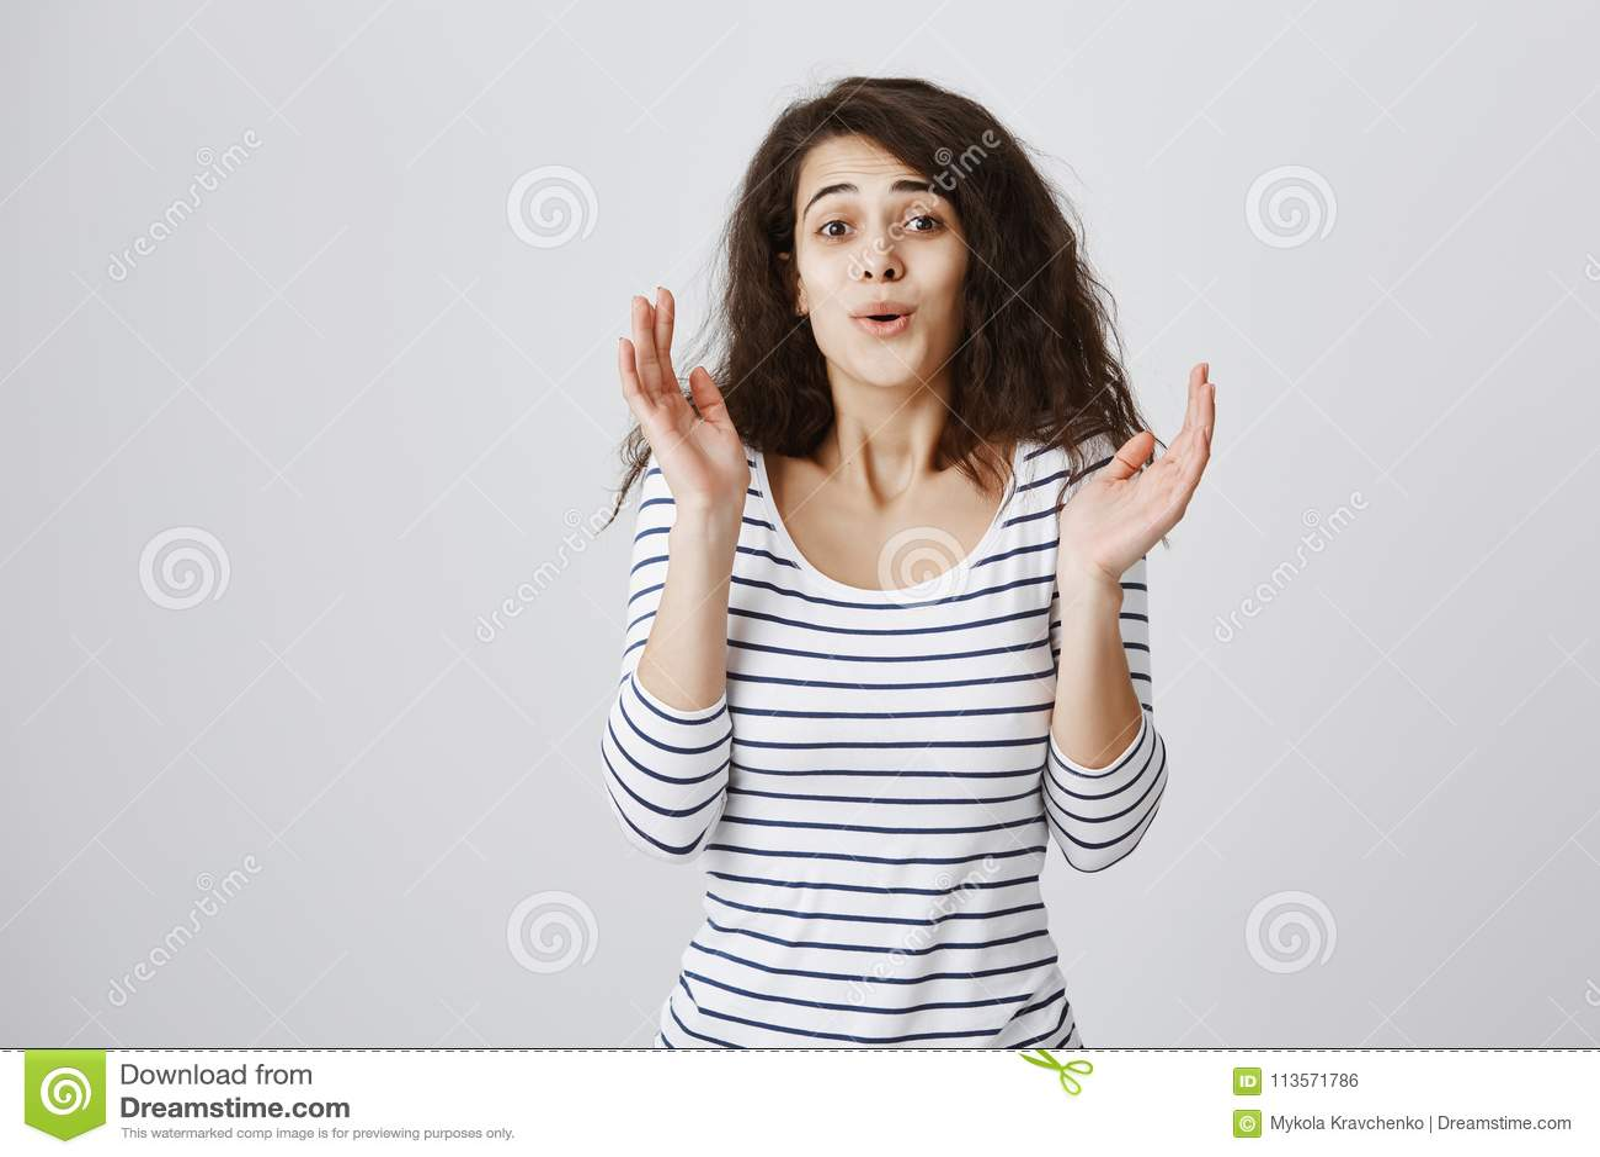 Newbie do xingamento da menina popular, falando com ironia Retrato das mãos encaracolado-de cabelo atrativas da fixação da mulher